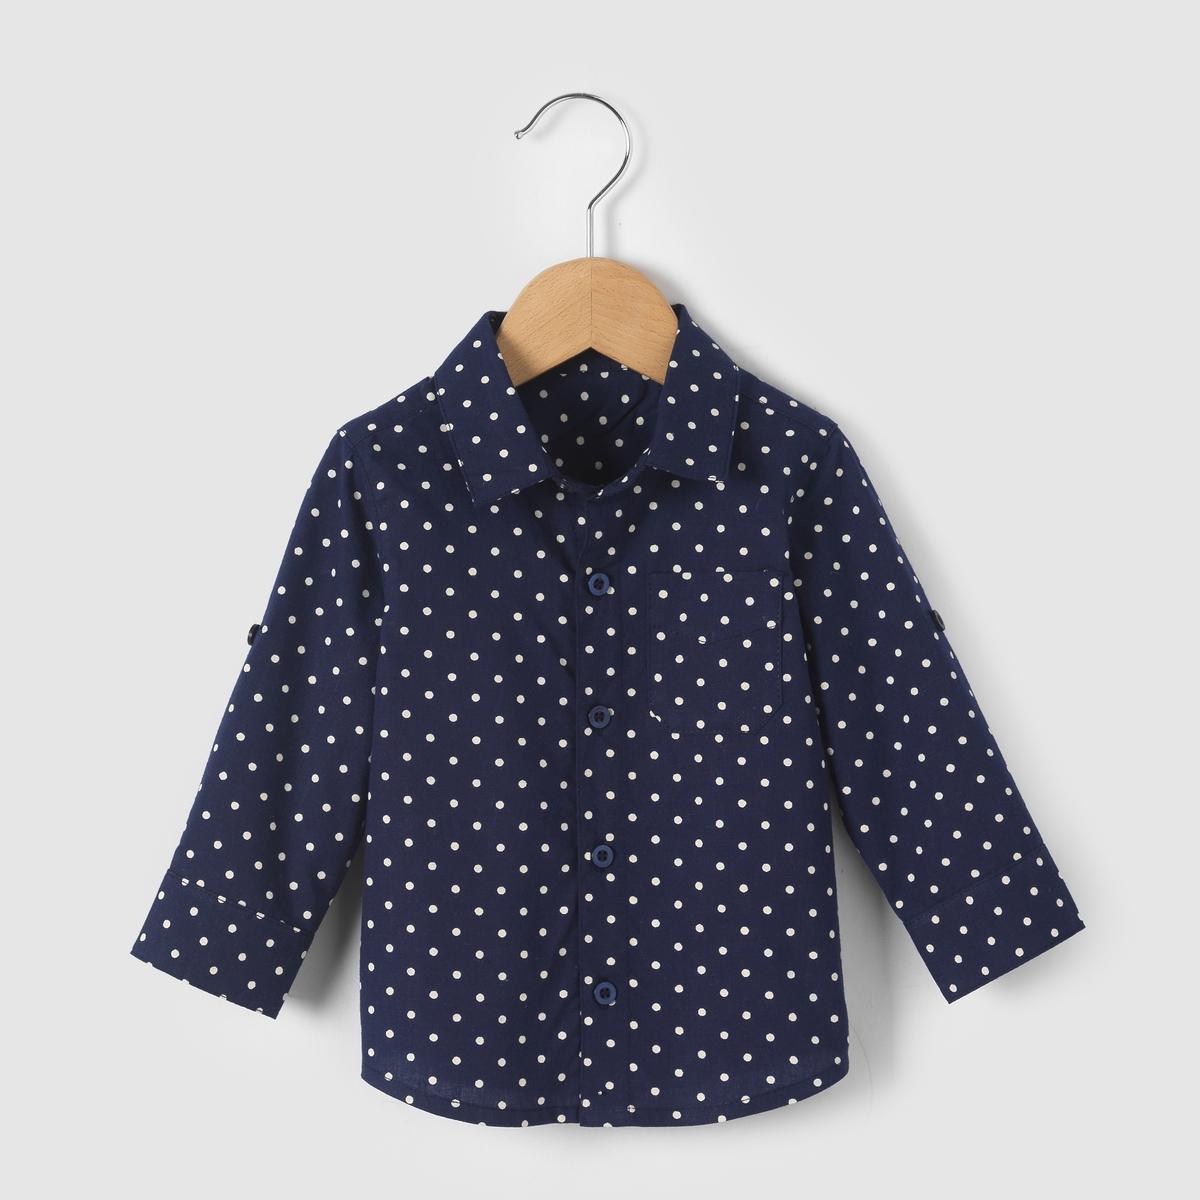 Рубашка в горошек, возраст 1 мес- 3  годаРубашка в горошек. Нагрудный карман. Застежка на пуговицах спереди и на манжетах  . Вырез сзади со складкой .Состав и описаниеМатериал       100% хлопок- Марка: R mini.Уход- Стирать и гладить с изнанки.Машинная стирка при 30°С на умеренном режиме с одеждой схожих цветов- Машинная сушка в умеренном режиме- Гладить при средней температуре..<br><br>Цвет: в горошек<br>Размер: 3 мес. - 60 см